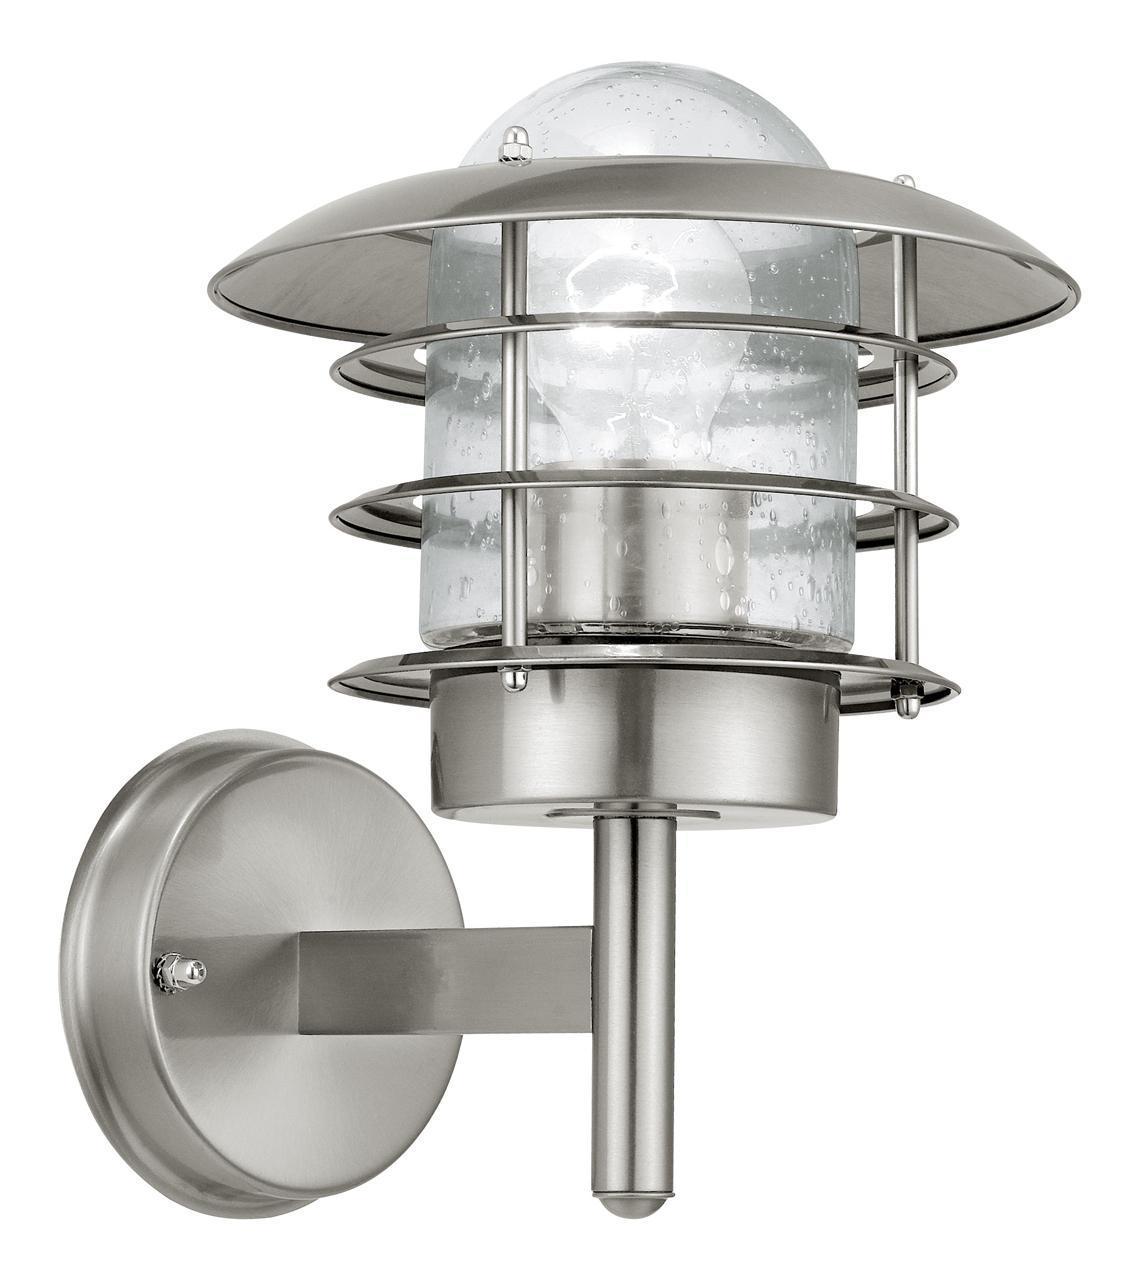 Уличный настенный светильник Eglo Mouna 30181 наземный низкий светильник eglo mouna 30182